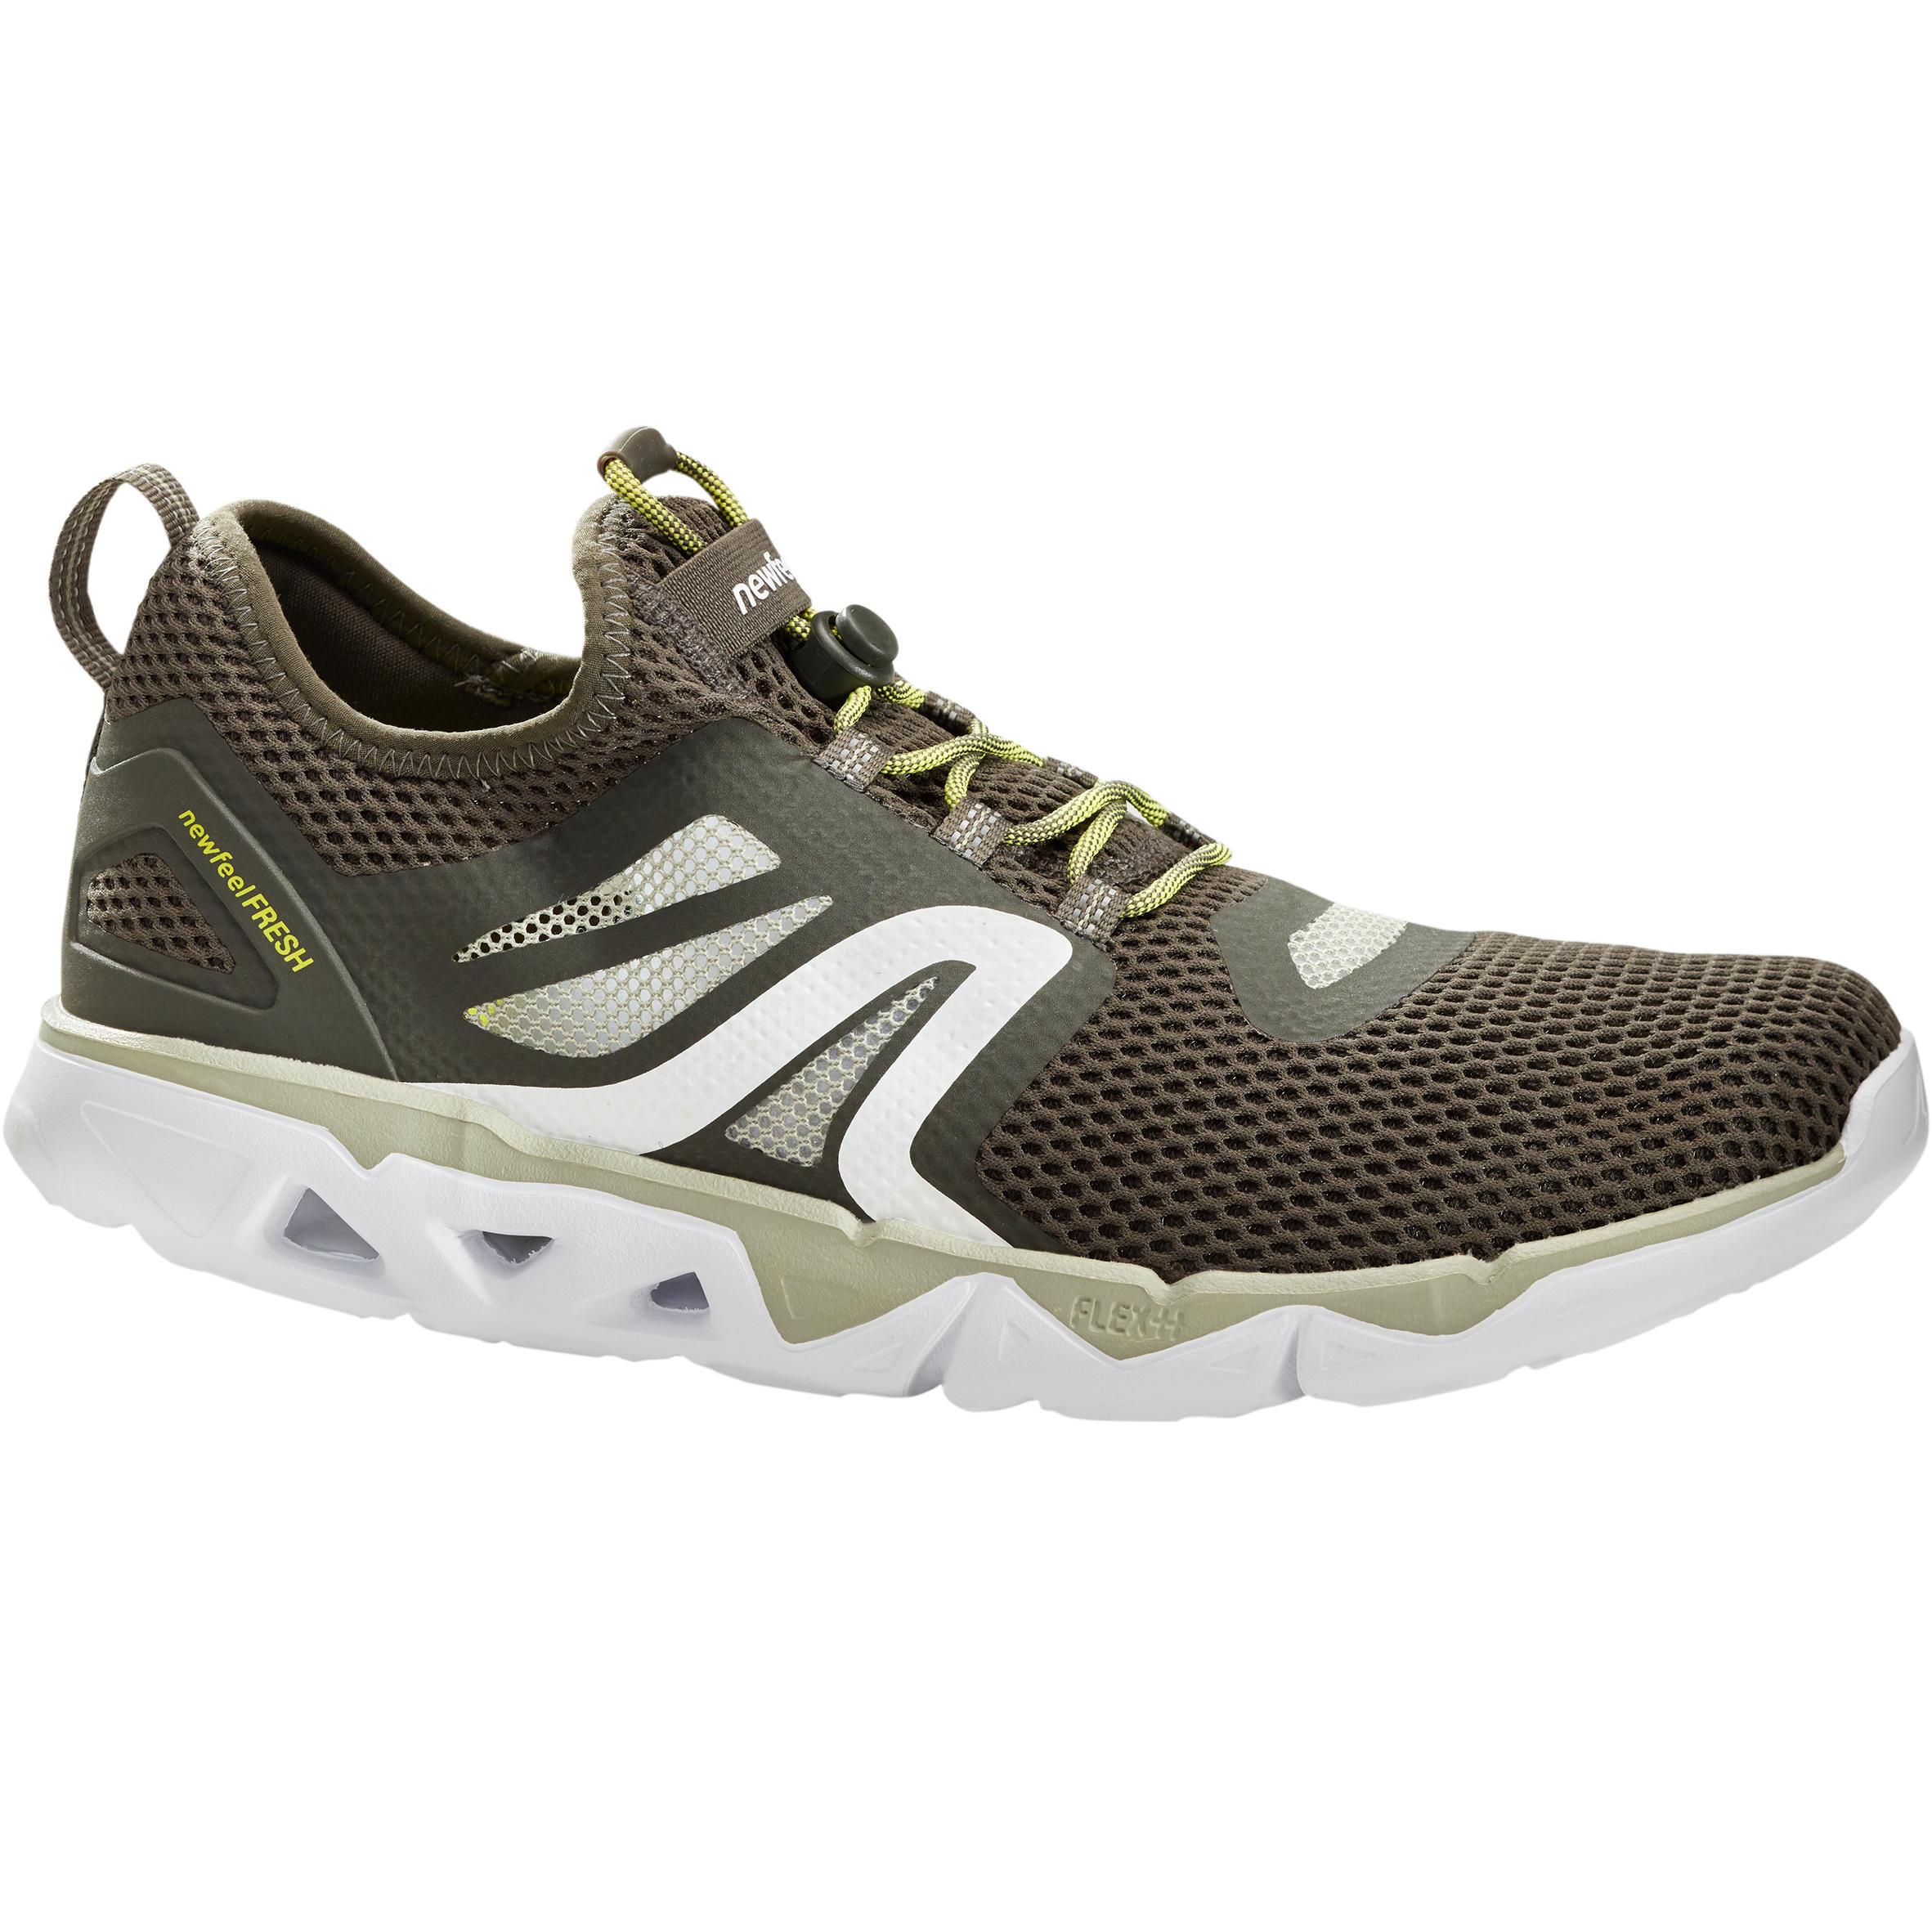 41dc9b72407 Comprar Zapatillas de Marcha Hombre Online